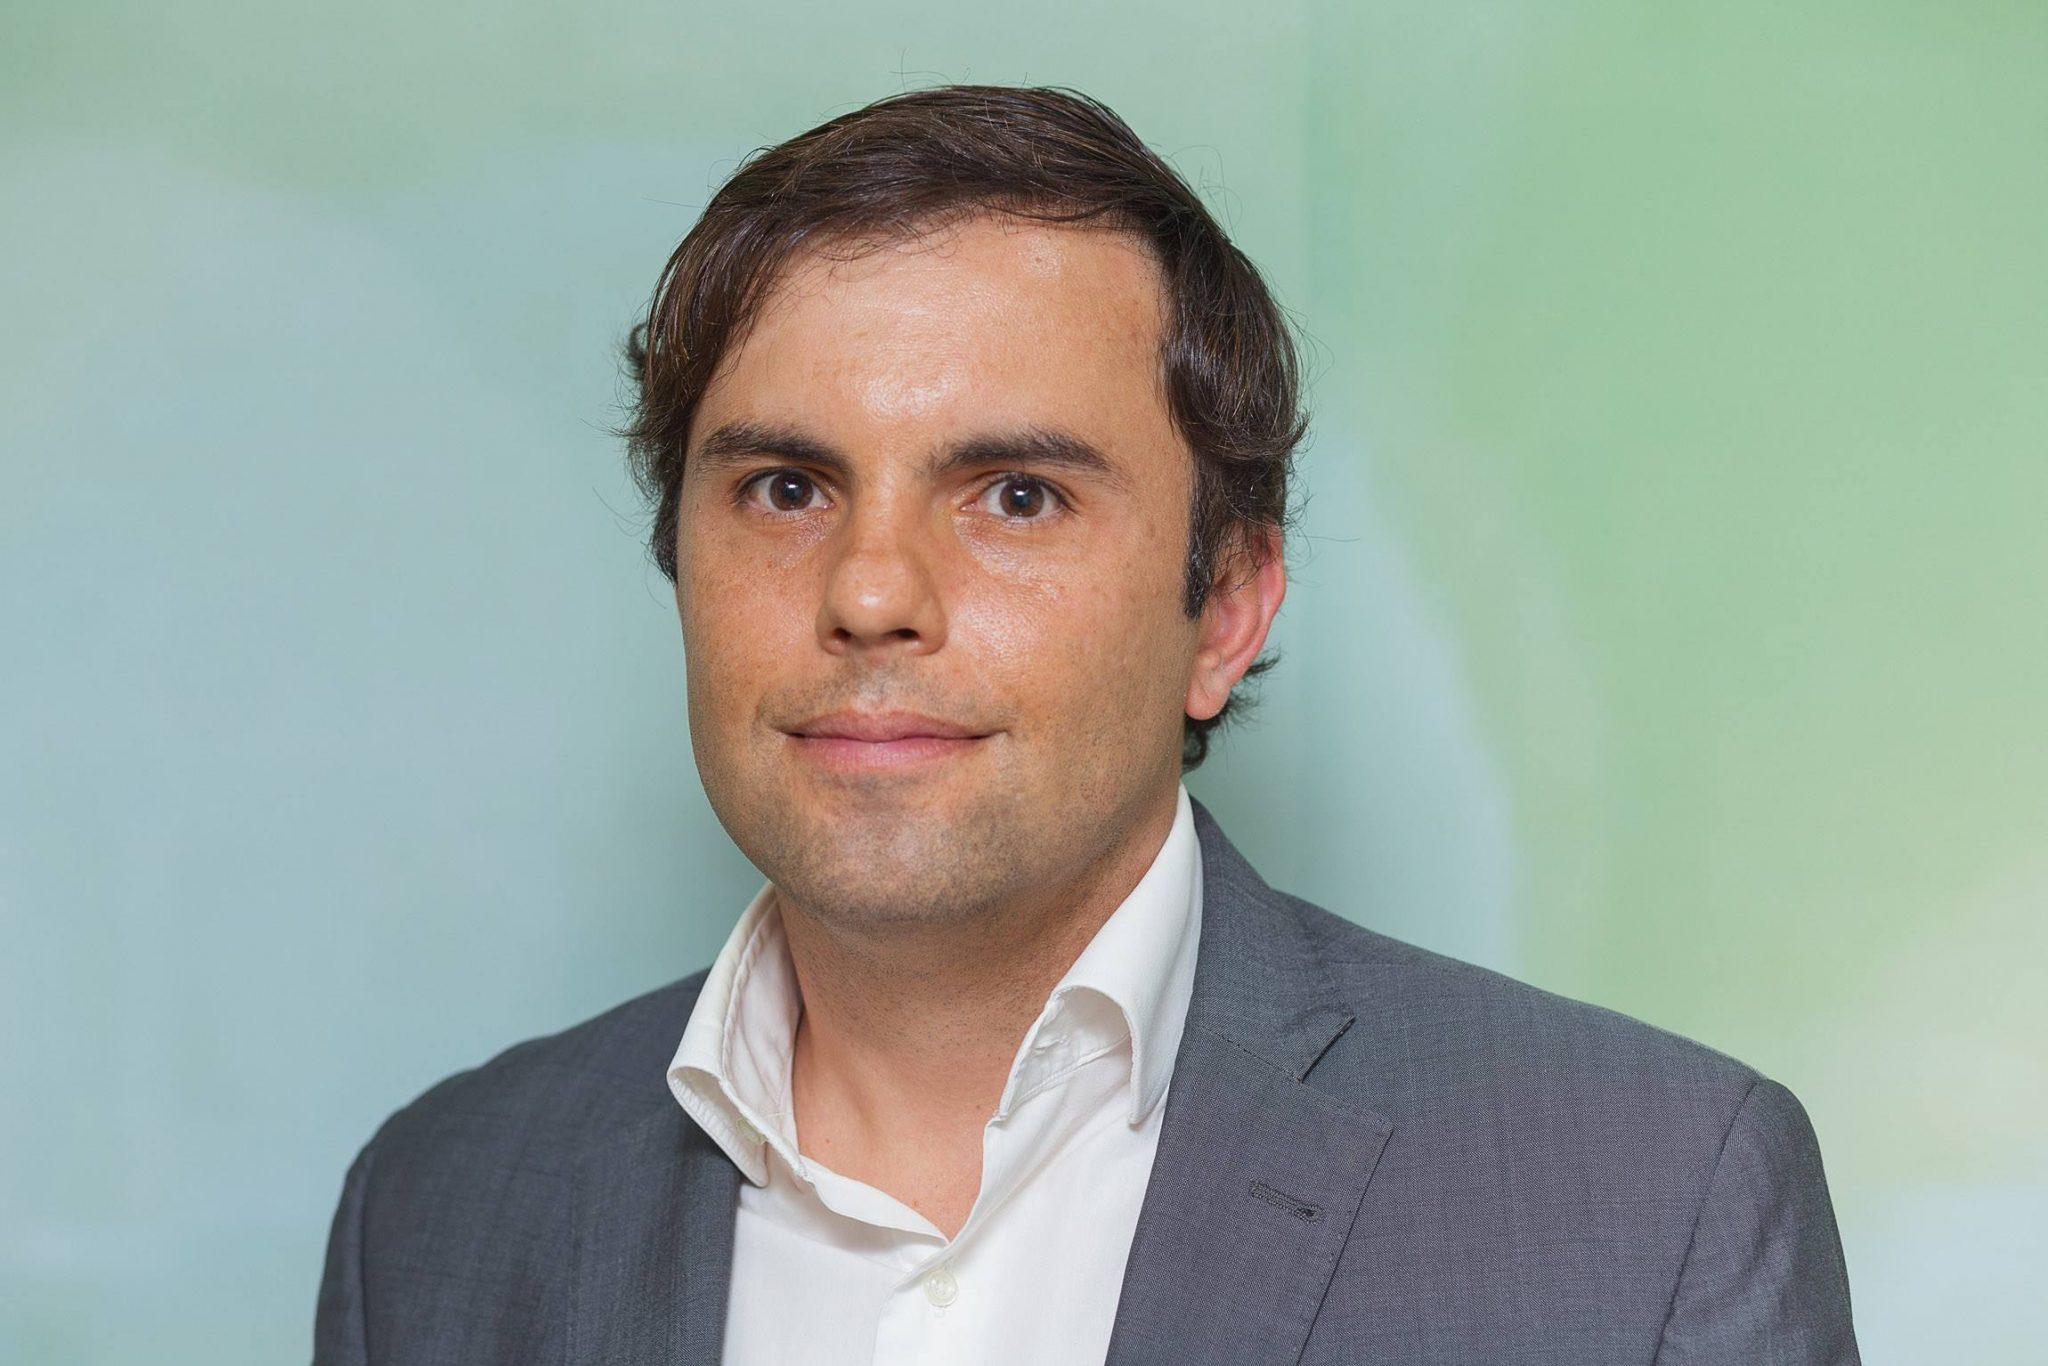 Rafael Espinhel faz contraponto sobre prescrição digital